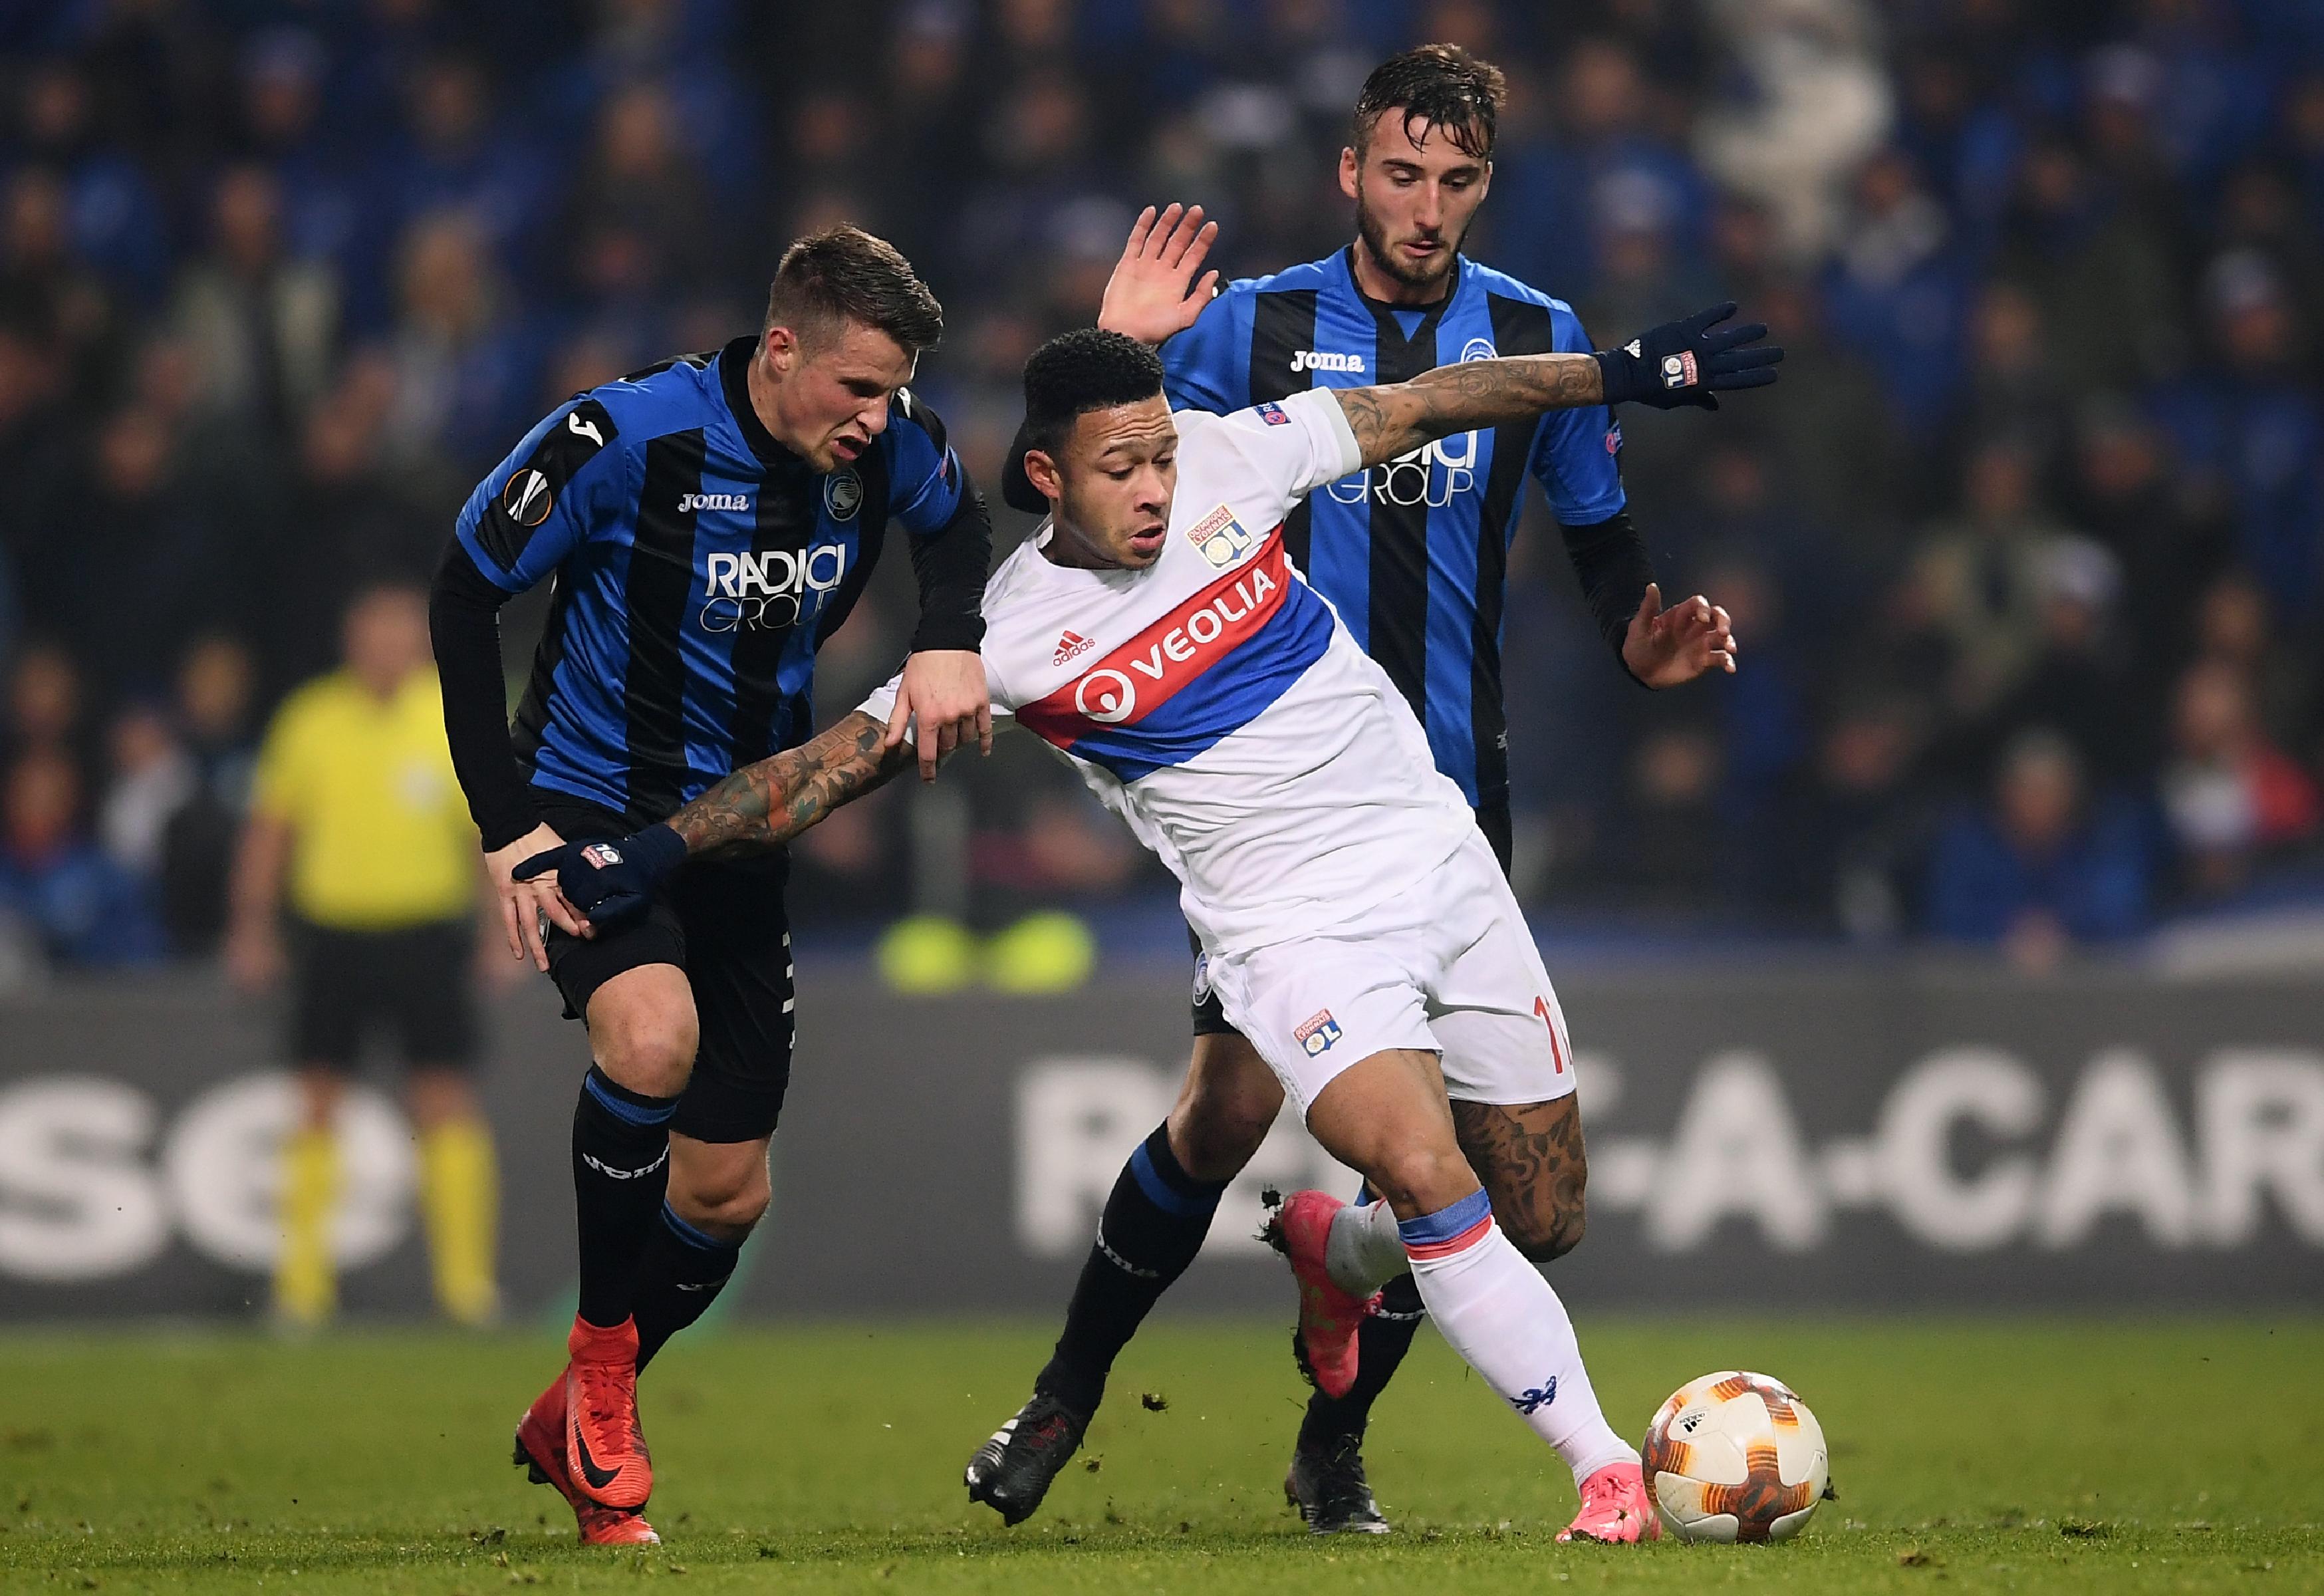 [Ligue Europa] Atalanta – Olympique Lyonnais : les notes